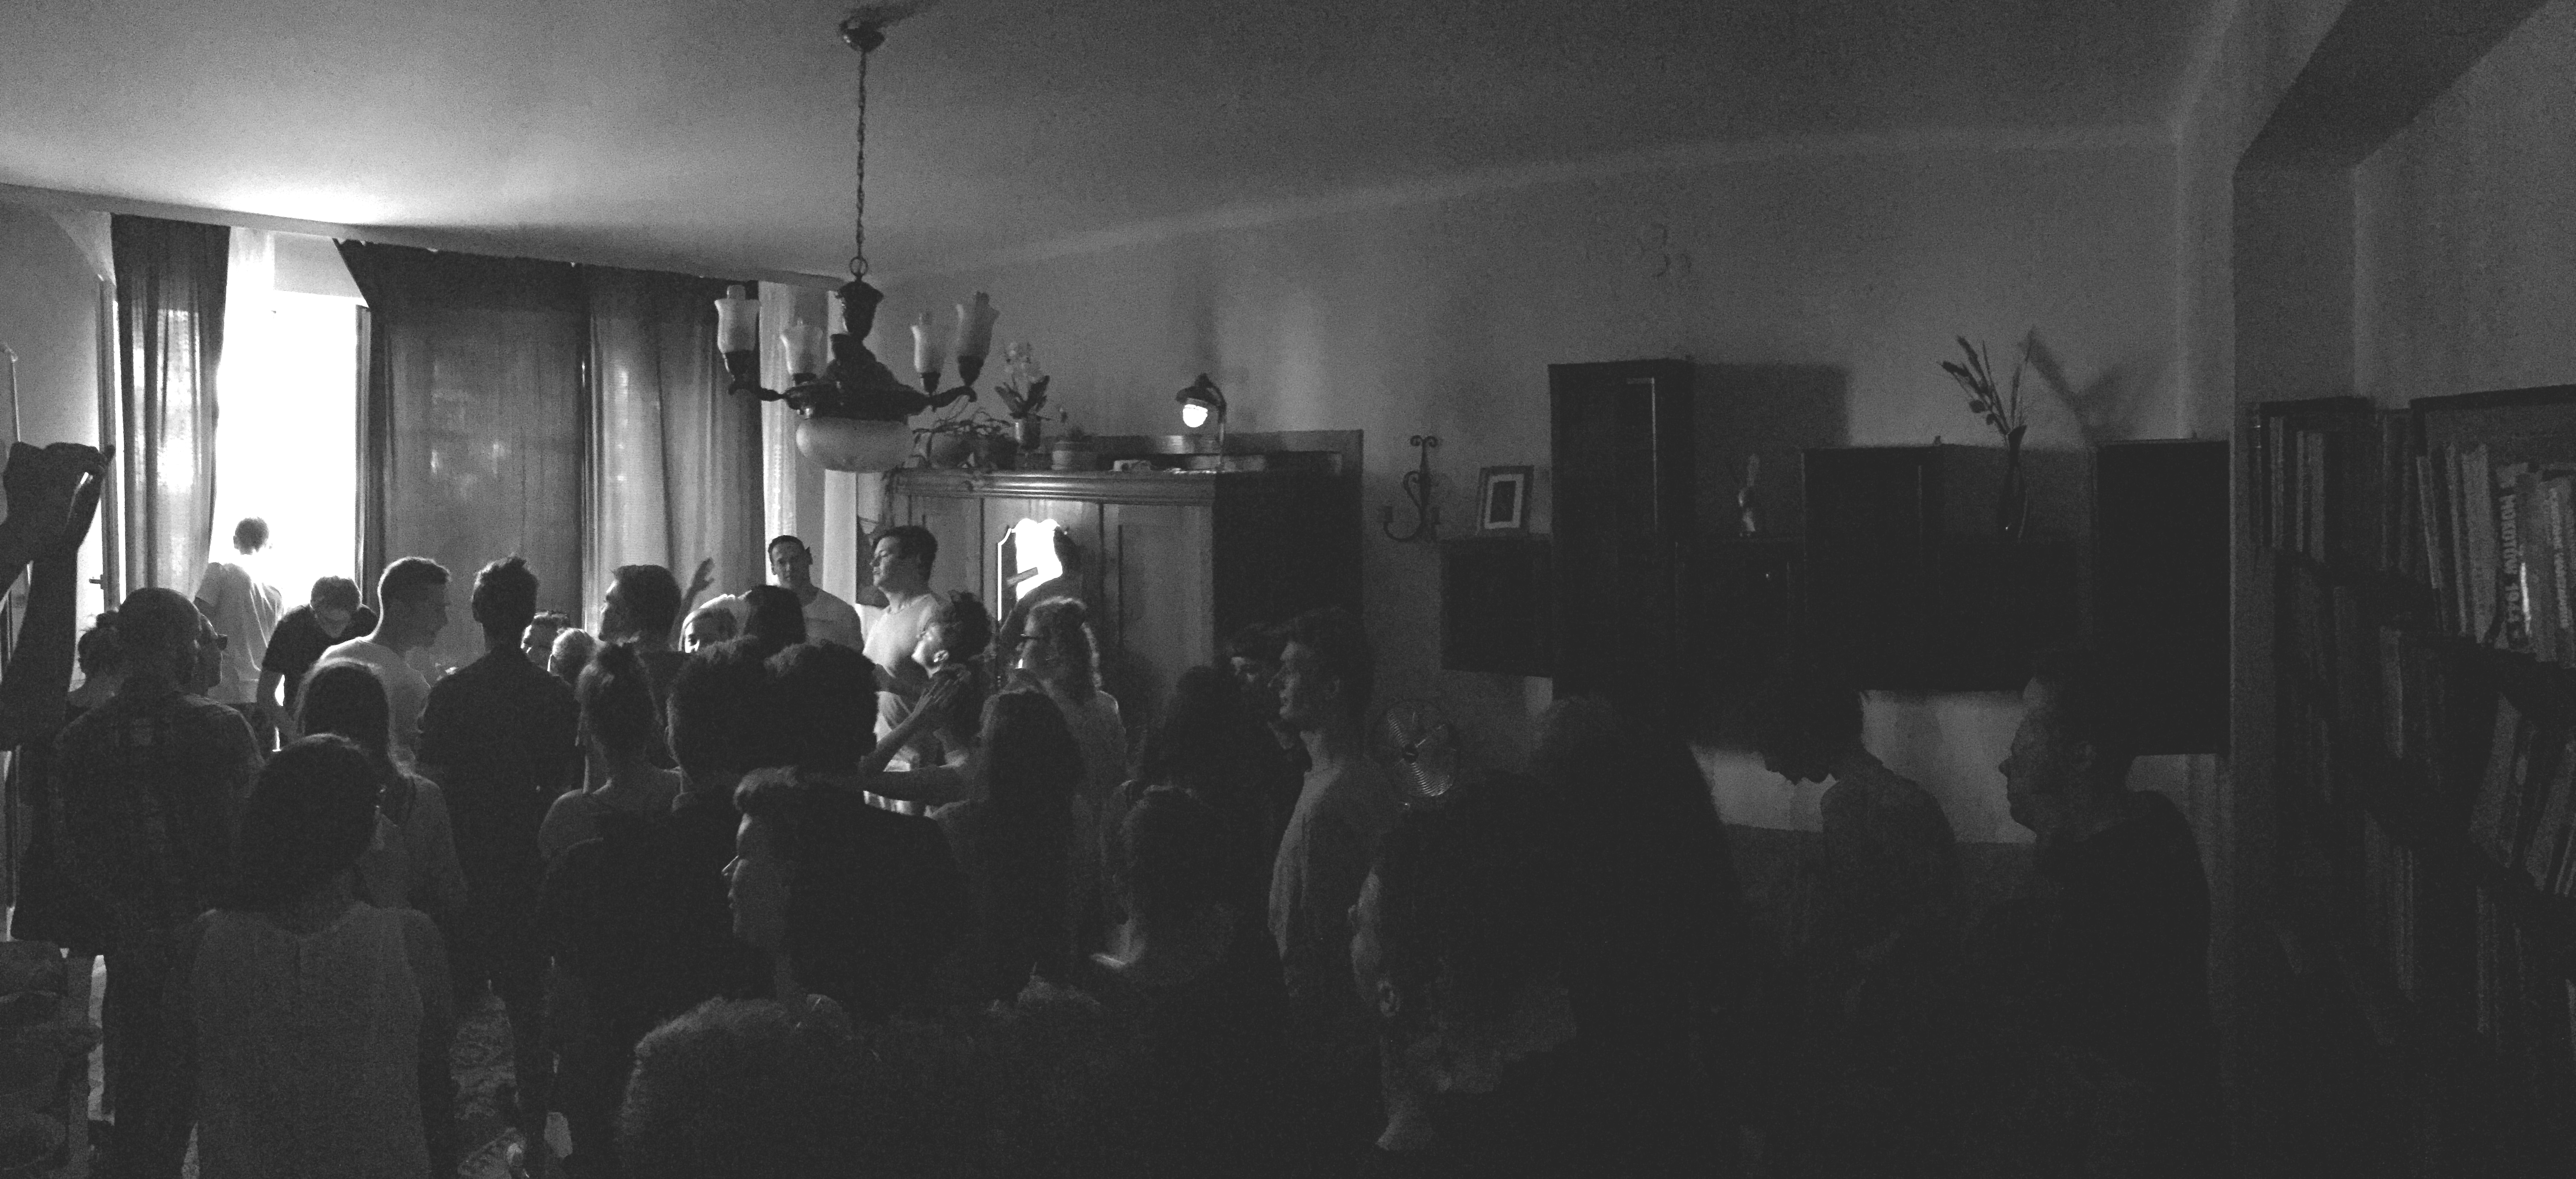 technoranek w oldschoolowym mieszkaniu, grupa ludzi tańcząca do techno